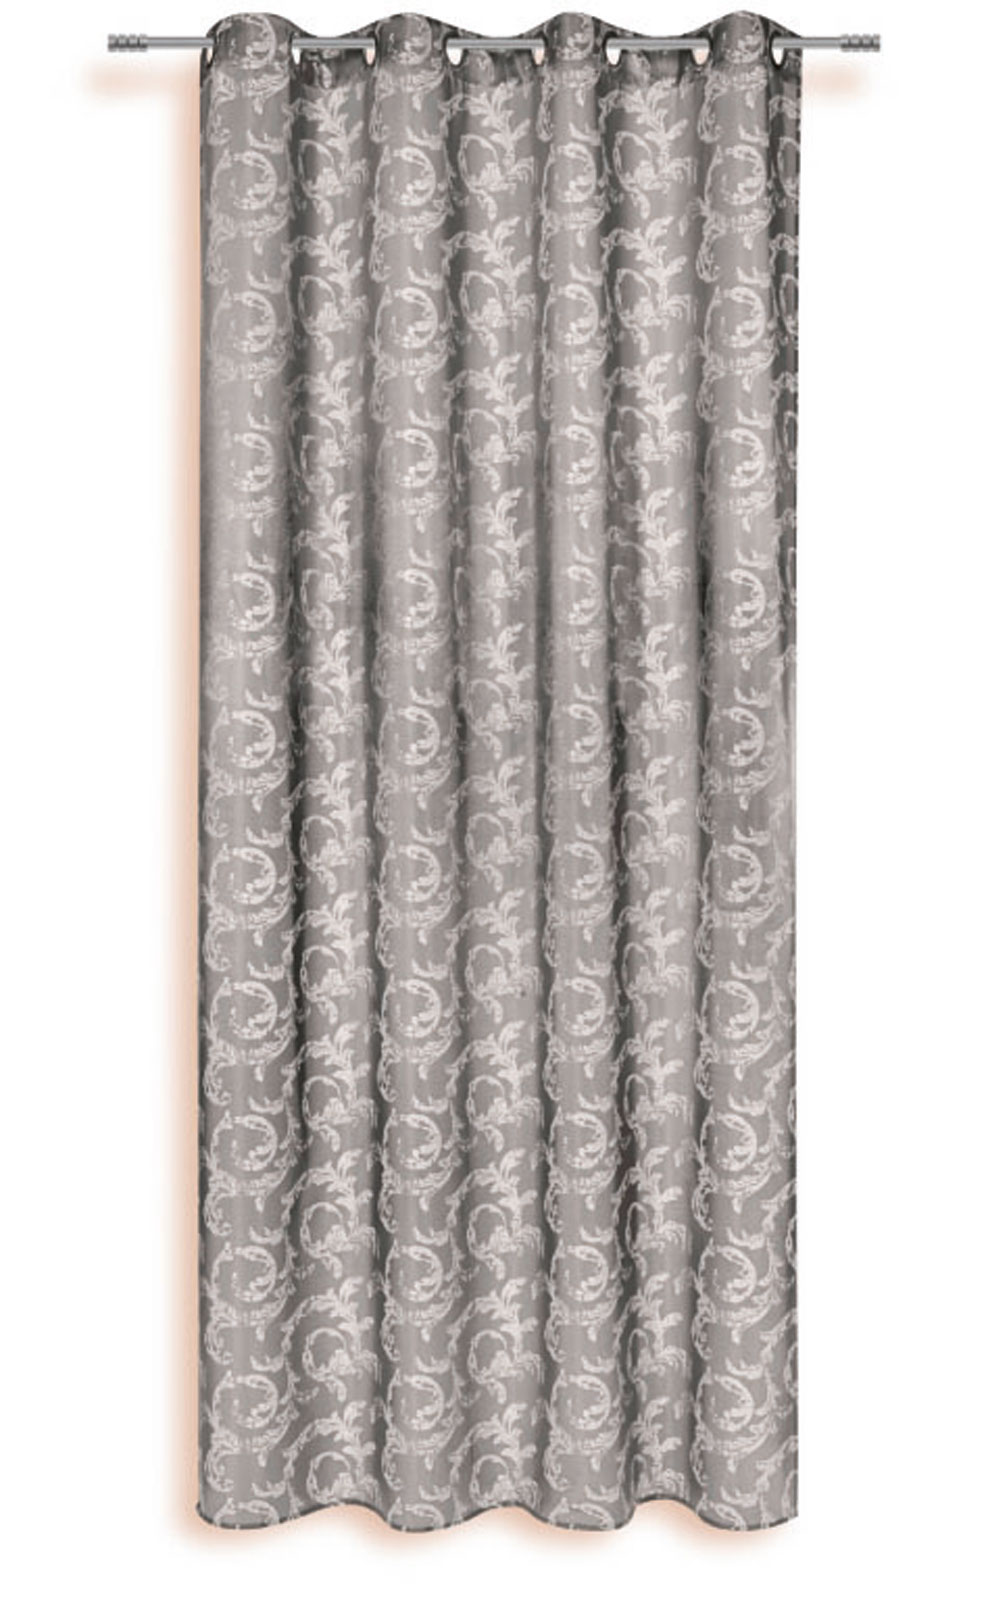 Gardinen und Vorhänge - Ösenschal Vorhang Gardine 140x245 mit Metallösen Ornament Ranke grau 400172  - Onlineshop PremiumShop321